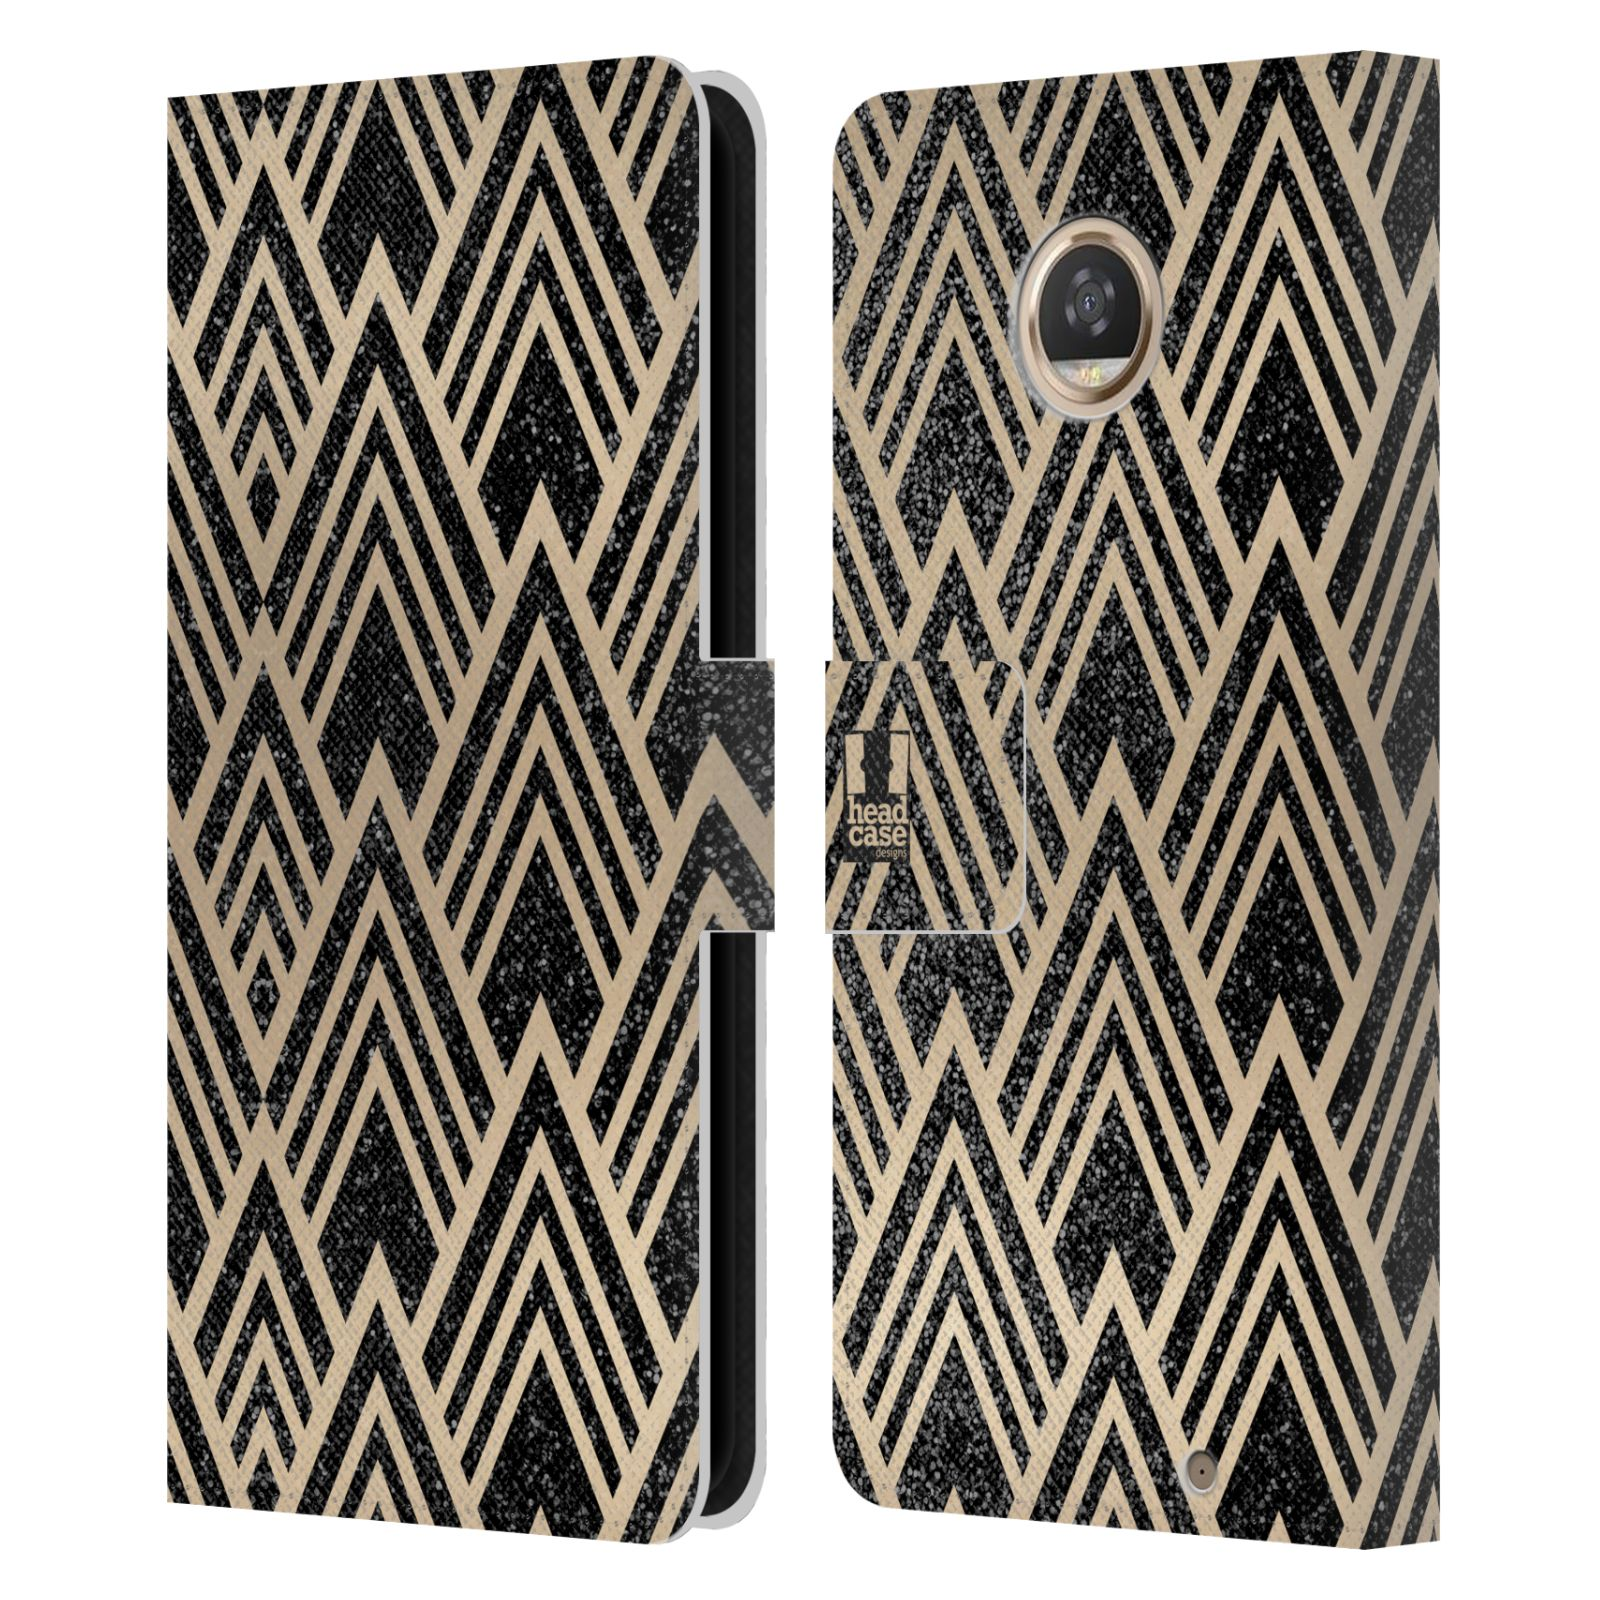 Funda-HEAD-CASE-Art-Deco-Con-Textura-Patrones-De-Cuero-Libro-Funda-Para-Telefonos-MOTOROLA